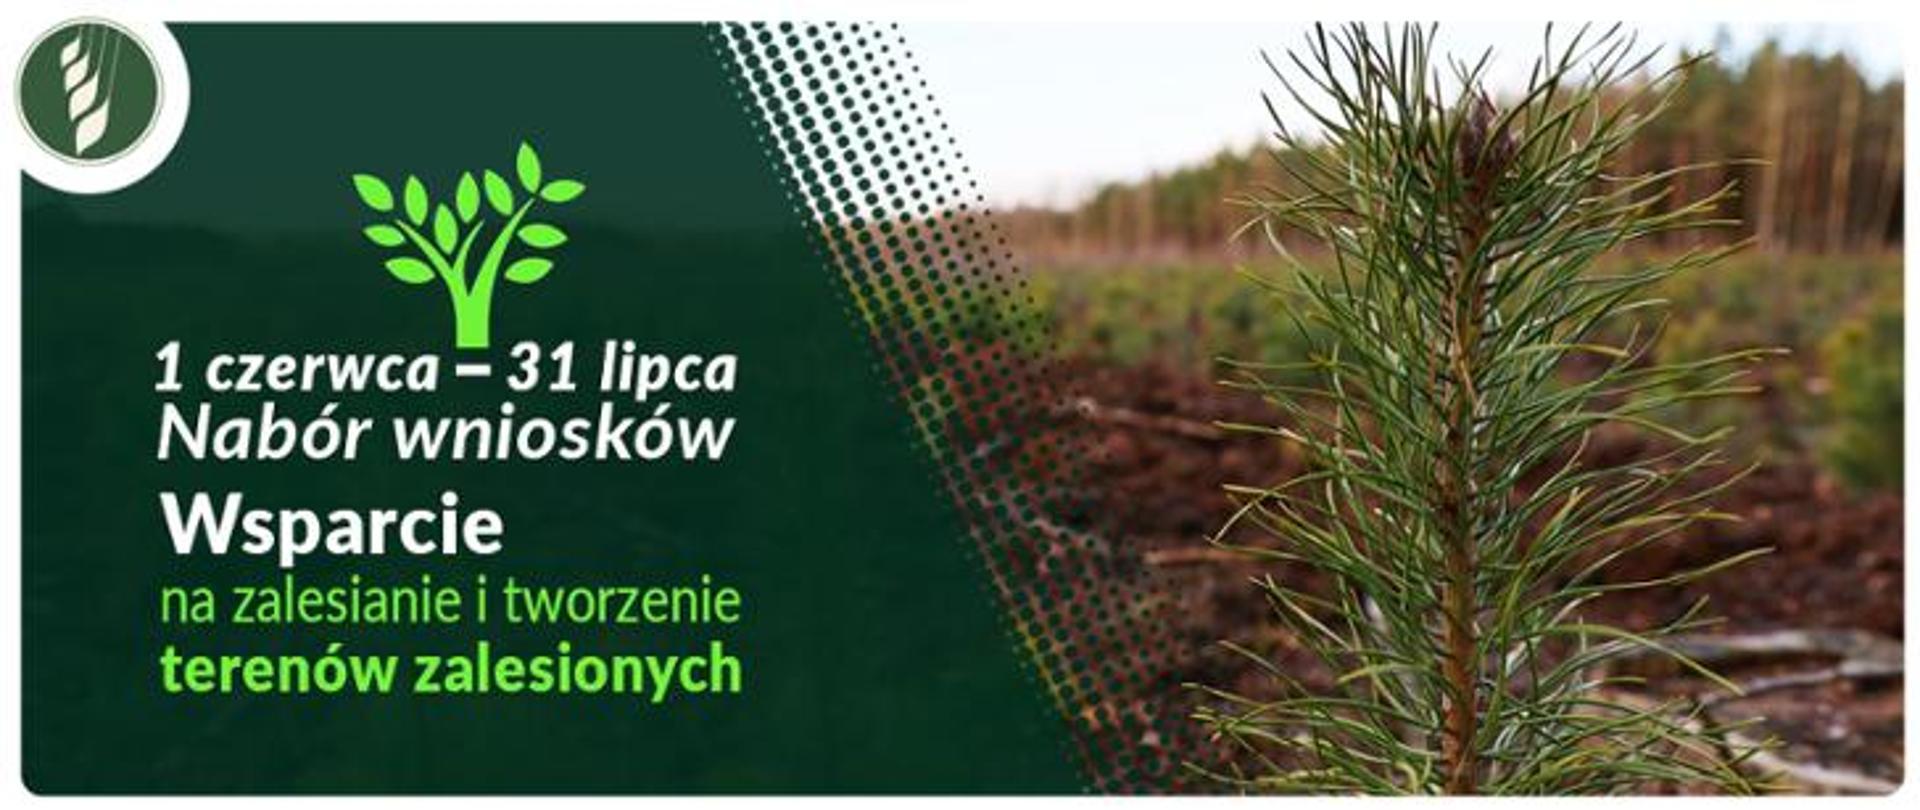 Wsparcie na zalesianie i tworzenie terenów zalesionych – nabór wniosków